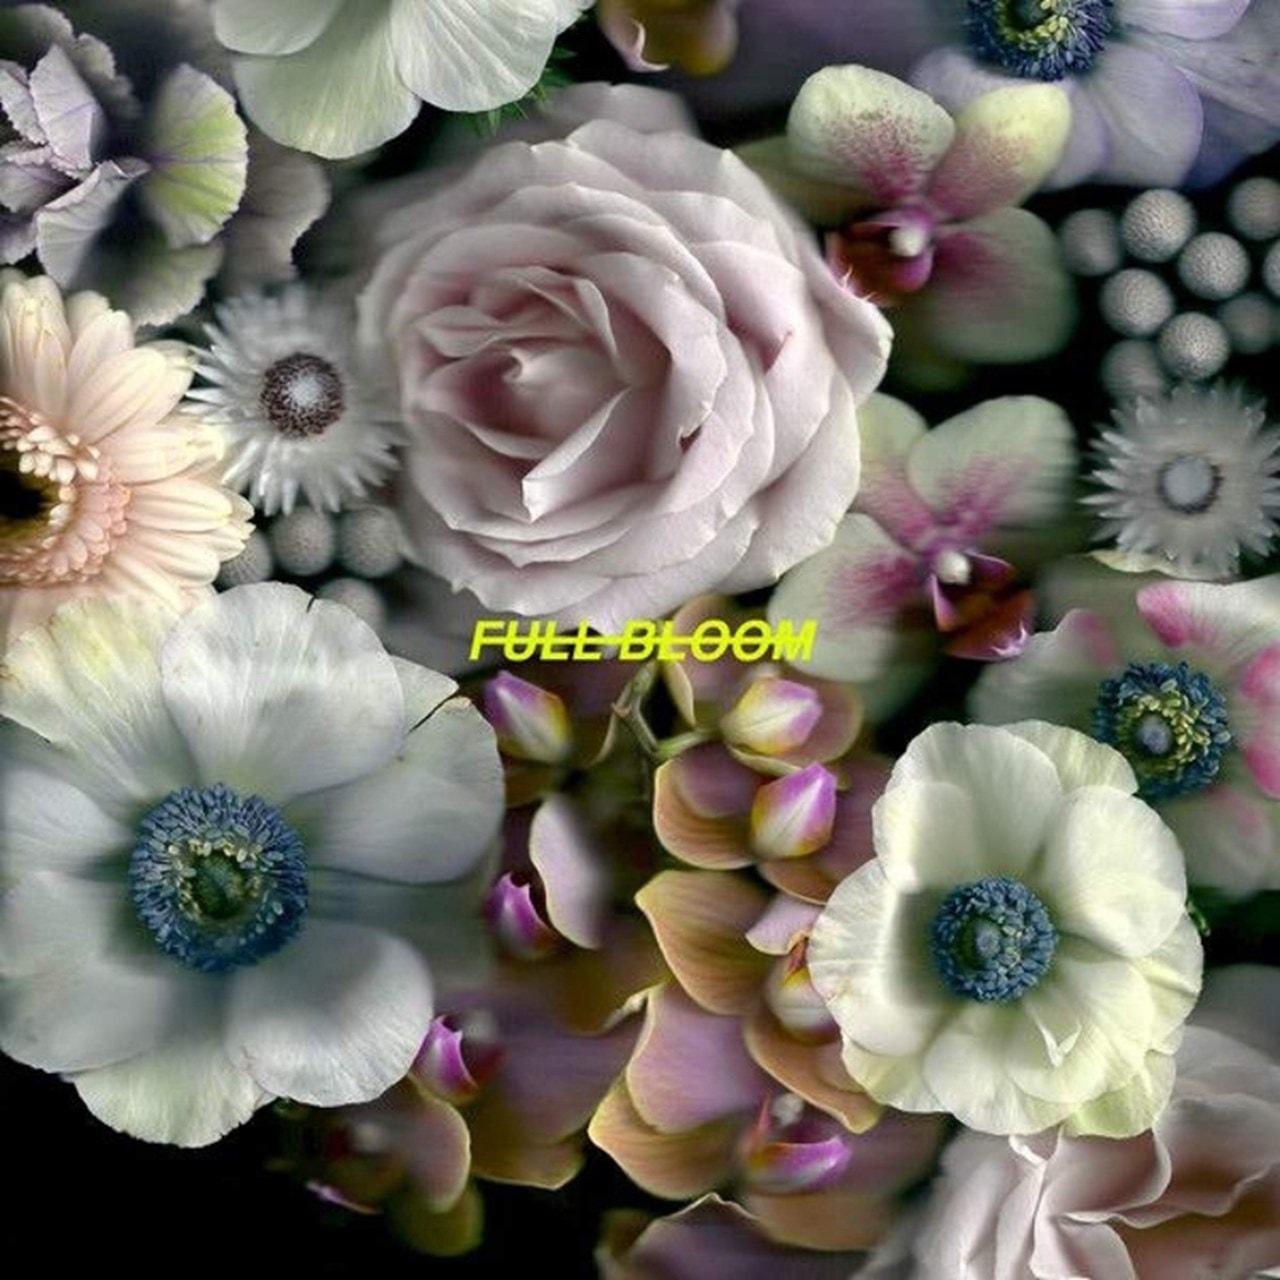 Full Bloom - 1